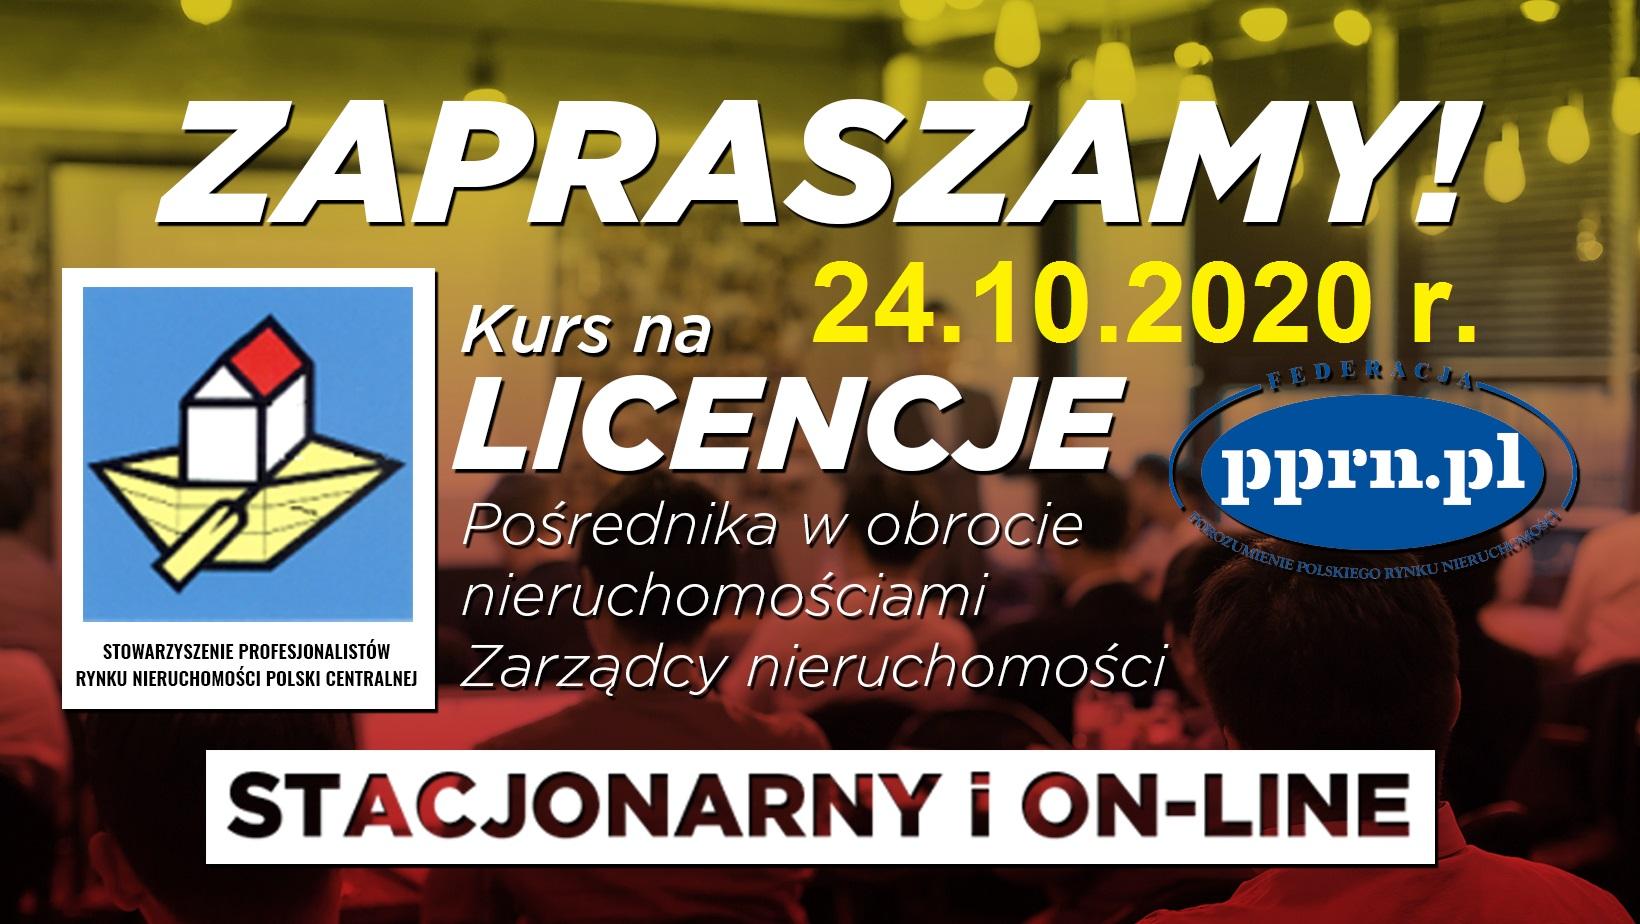 stacjonarny-i-online-kurs-24x